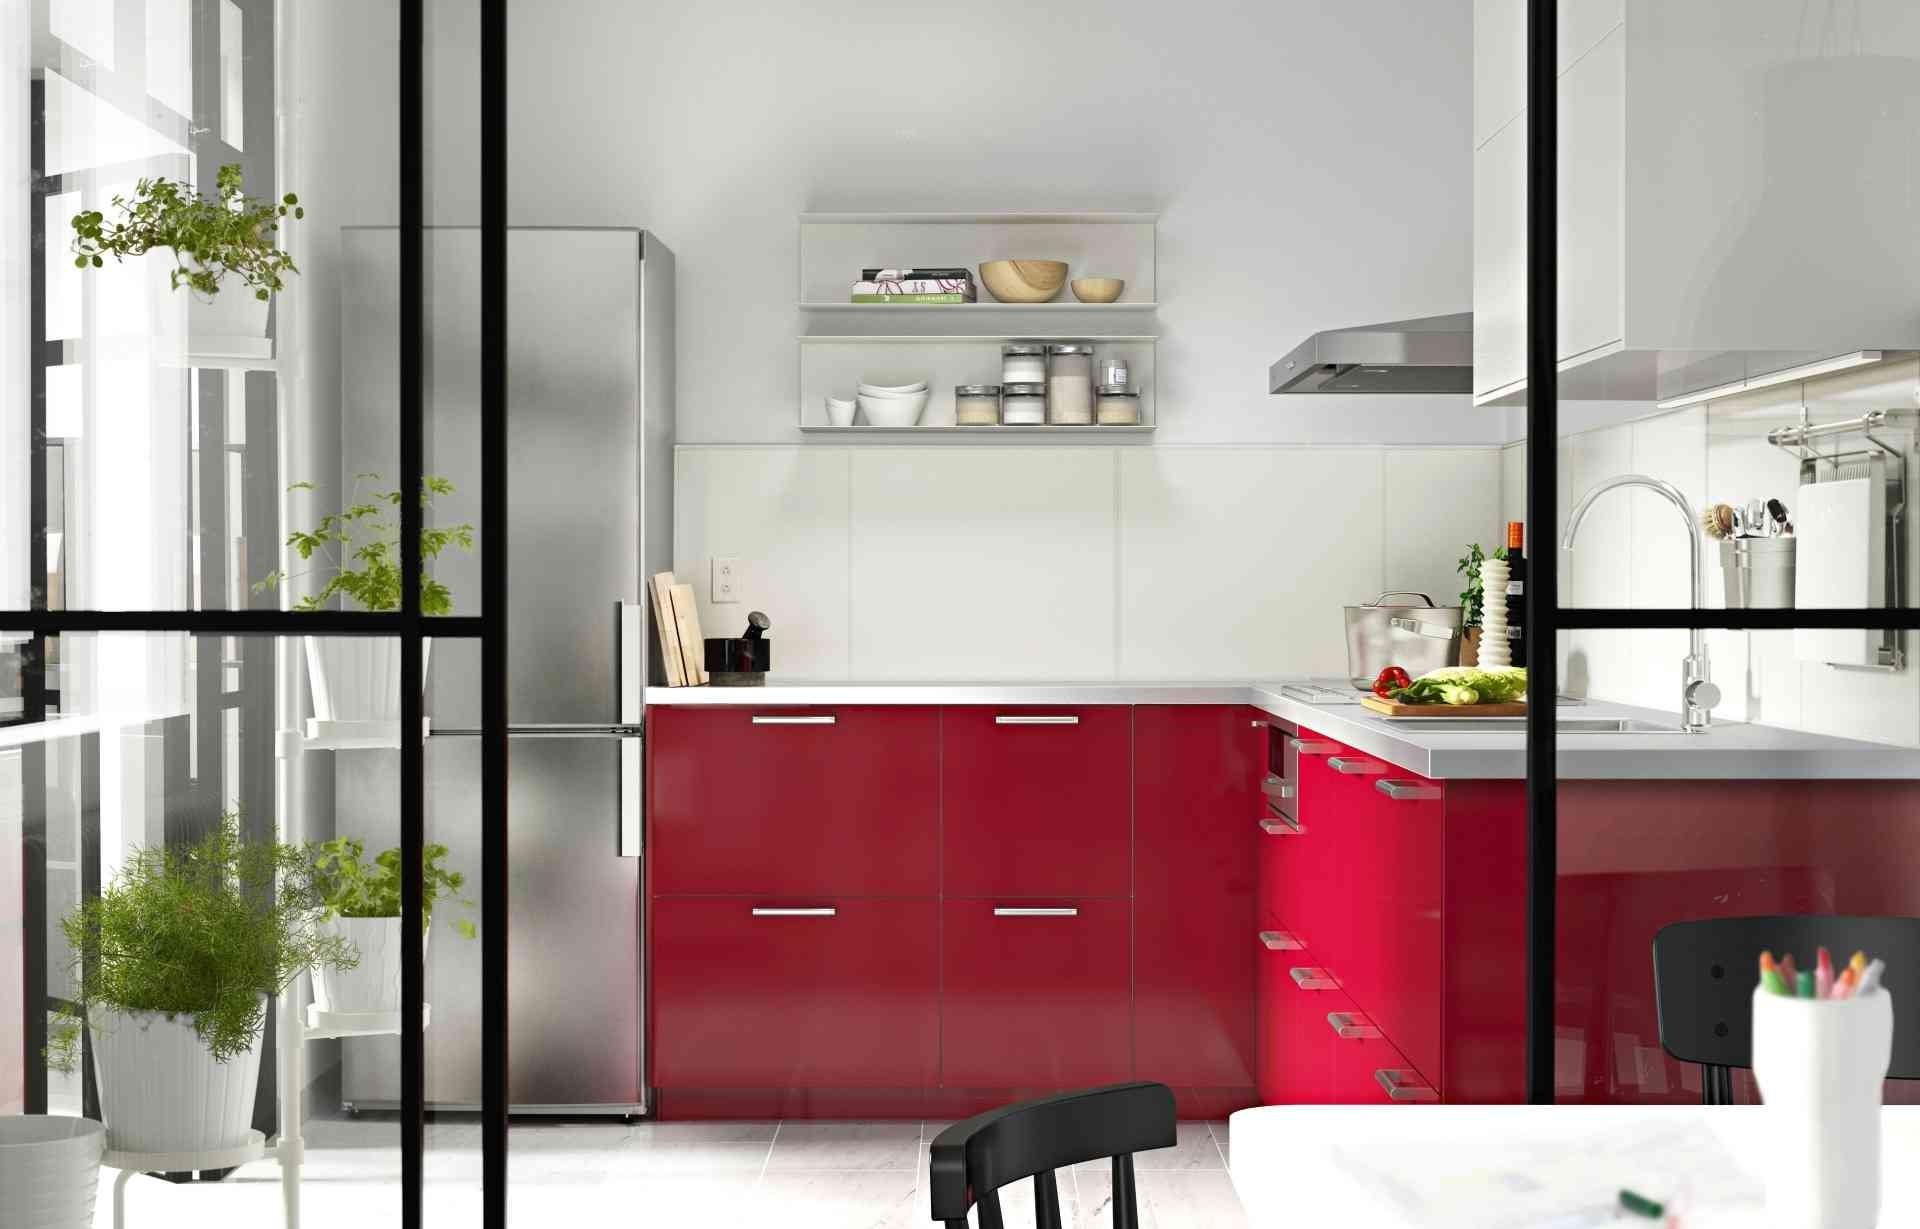 Lustre De Cuisine Pas Cher Beau Photos 14meilleur De Lustre Cuisine Pas Cher Intérieur De La Maison Plans